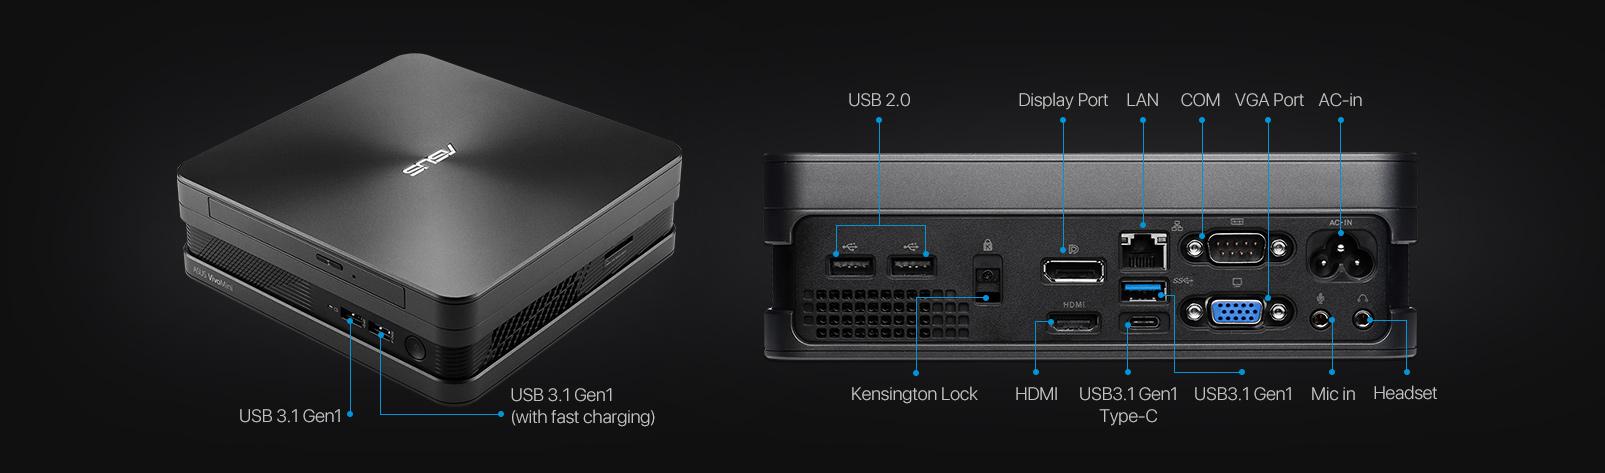 VivoMini VC65-C-Mini PC- hdmi-4K- best mini pc for tv